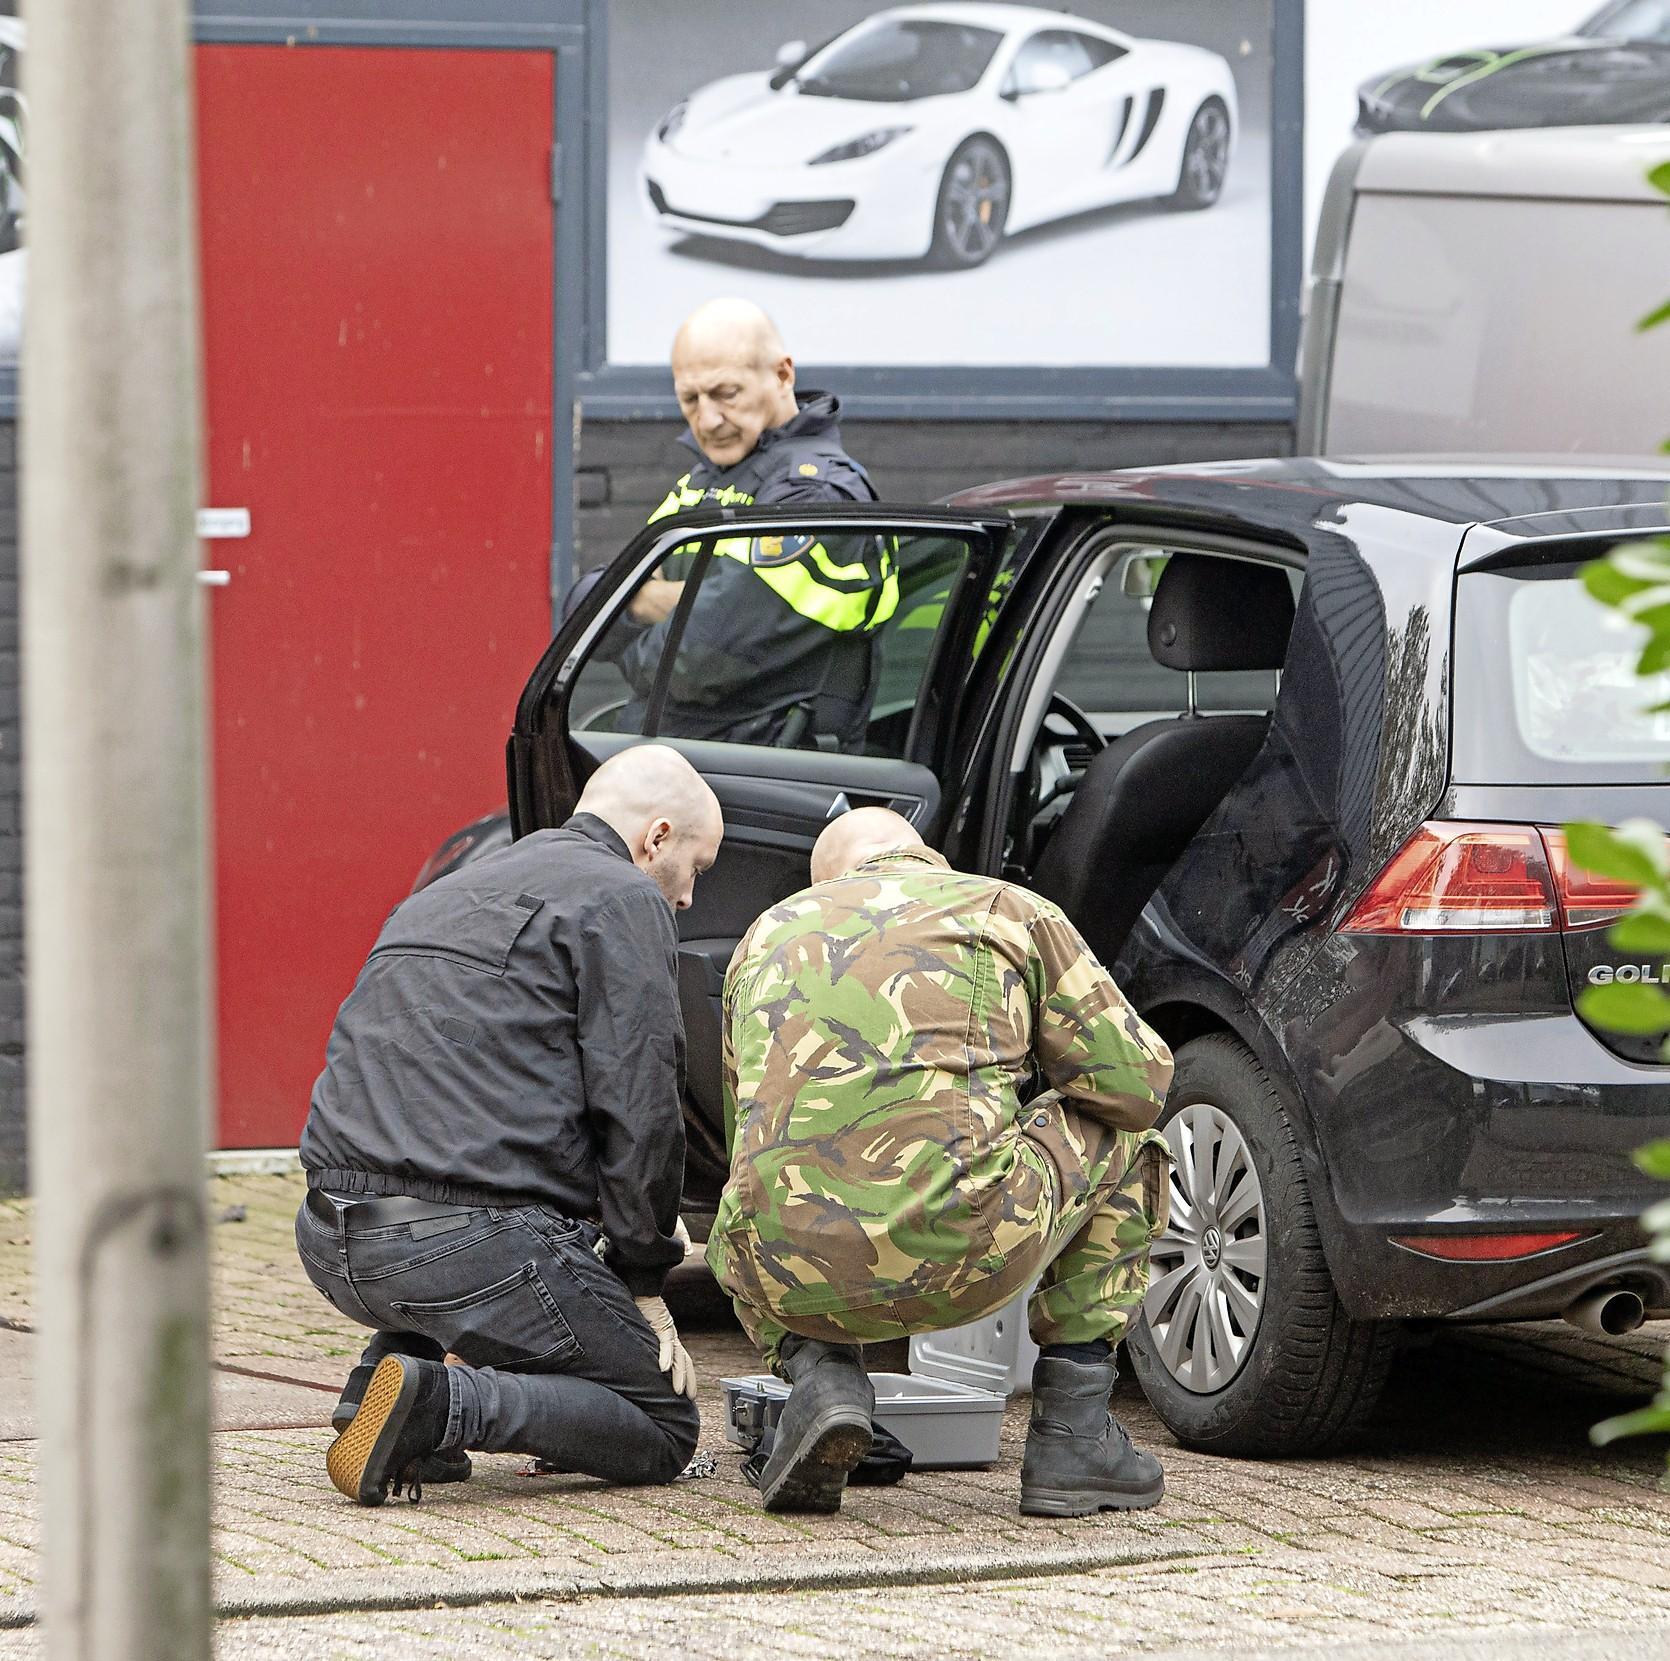 'Ík heb geen doorgeladen pistool thuis, jij wel?' Burgemeester Niek Meijer van Huizen pakt bekende crimineel ongekend hard aan